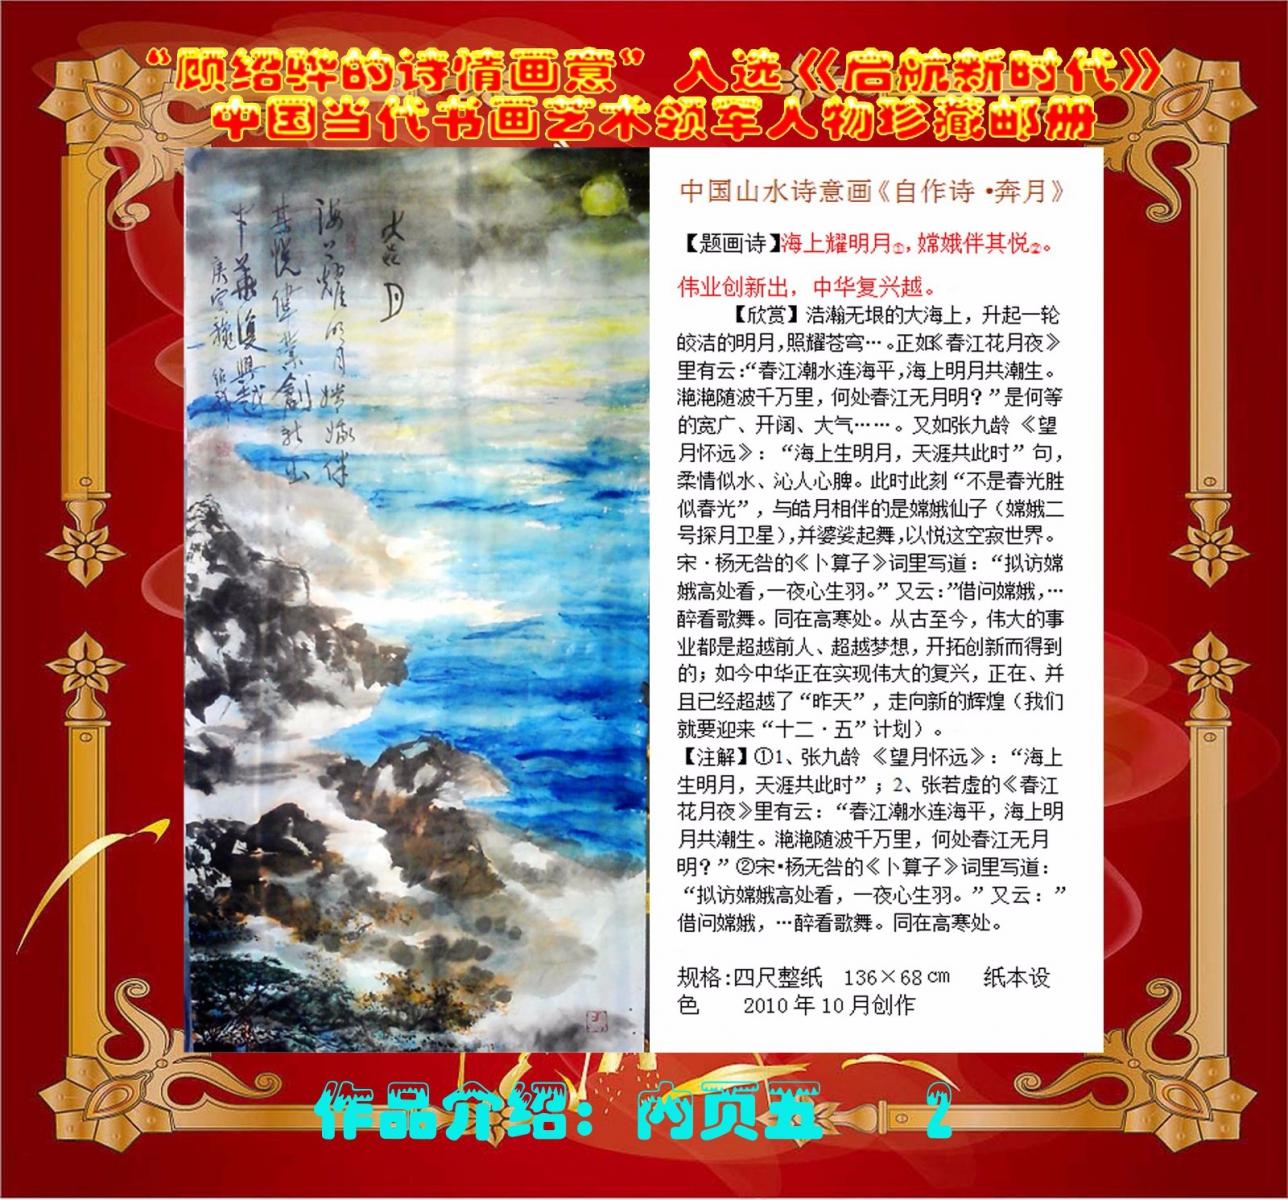 """""""顾绍骅的诗情画意""""入选《启航新时代》中国当代书画艺术领军人物珍藏集邮册 ... ..._图1-19"""